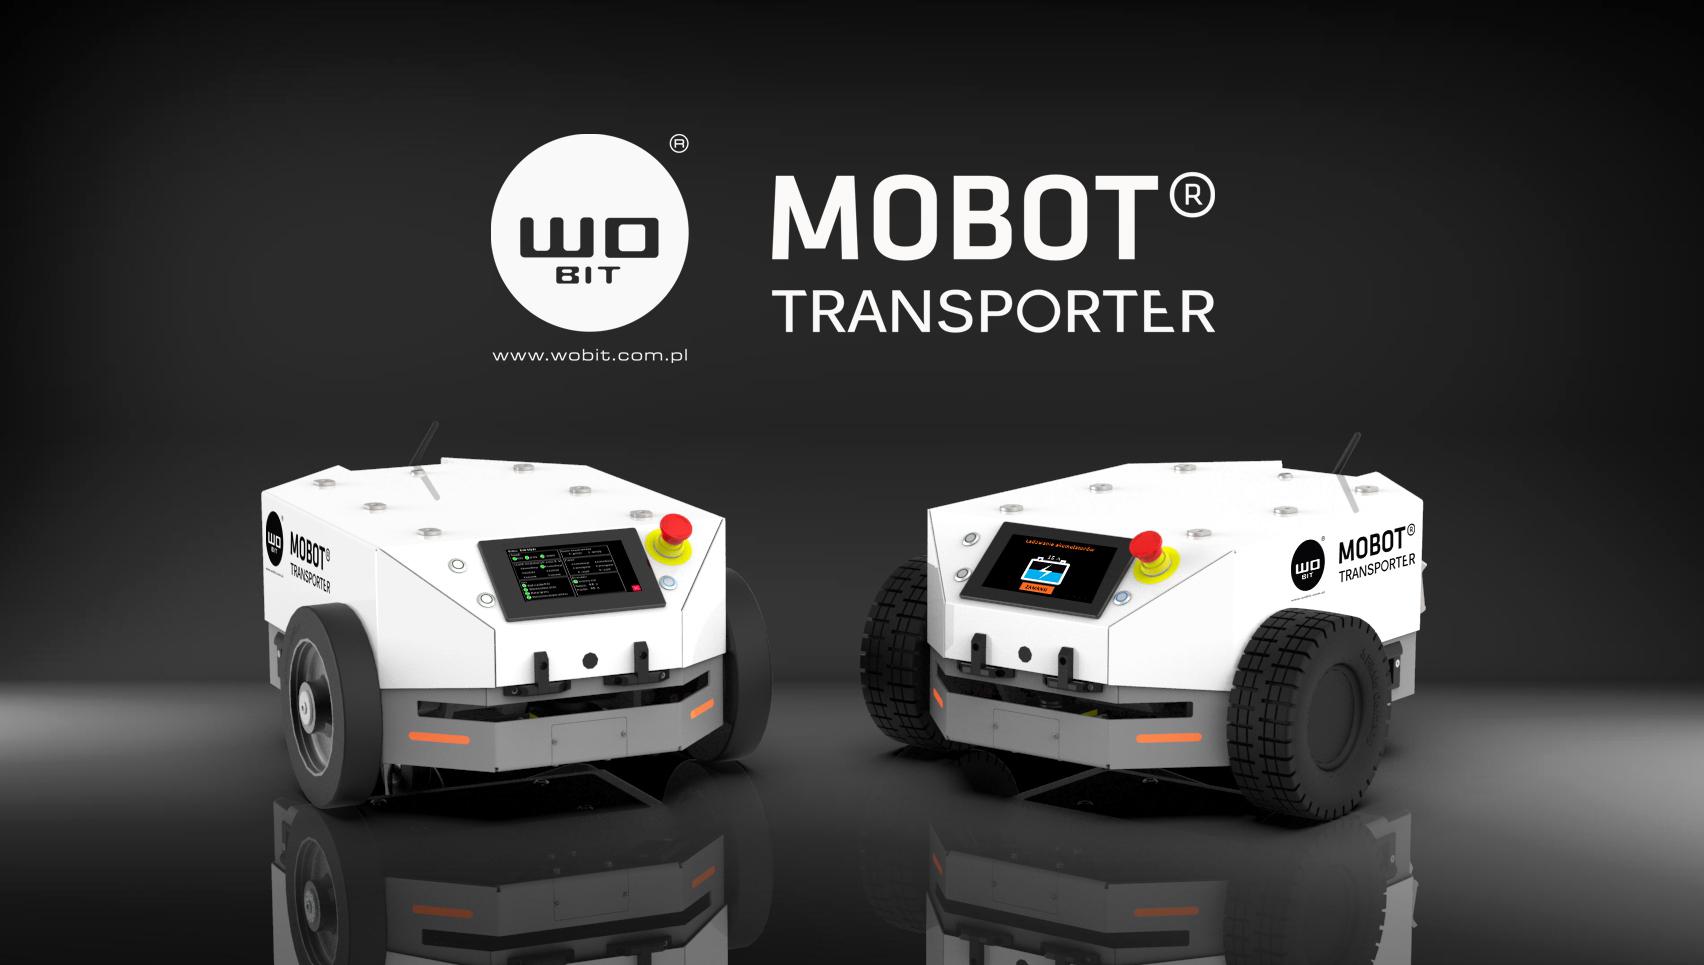 WObit wprowadza na rynek MOBOT® TRANSPORTER – nowoczesny transport mobilny